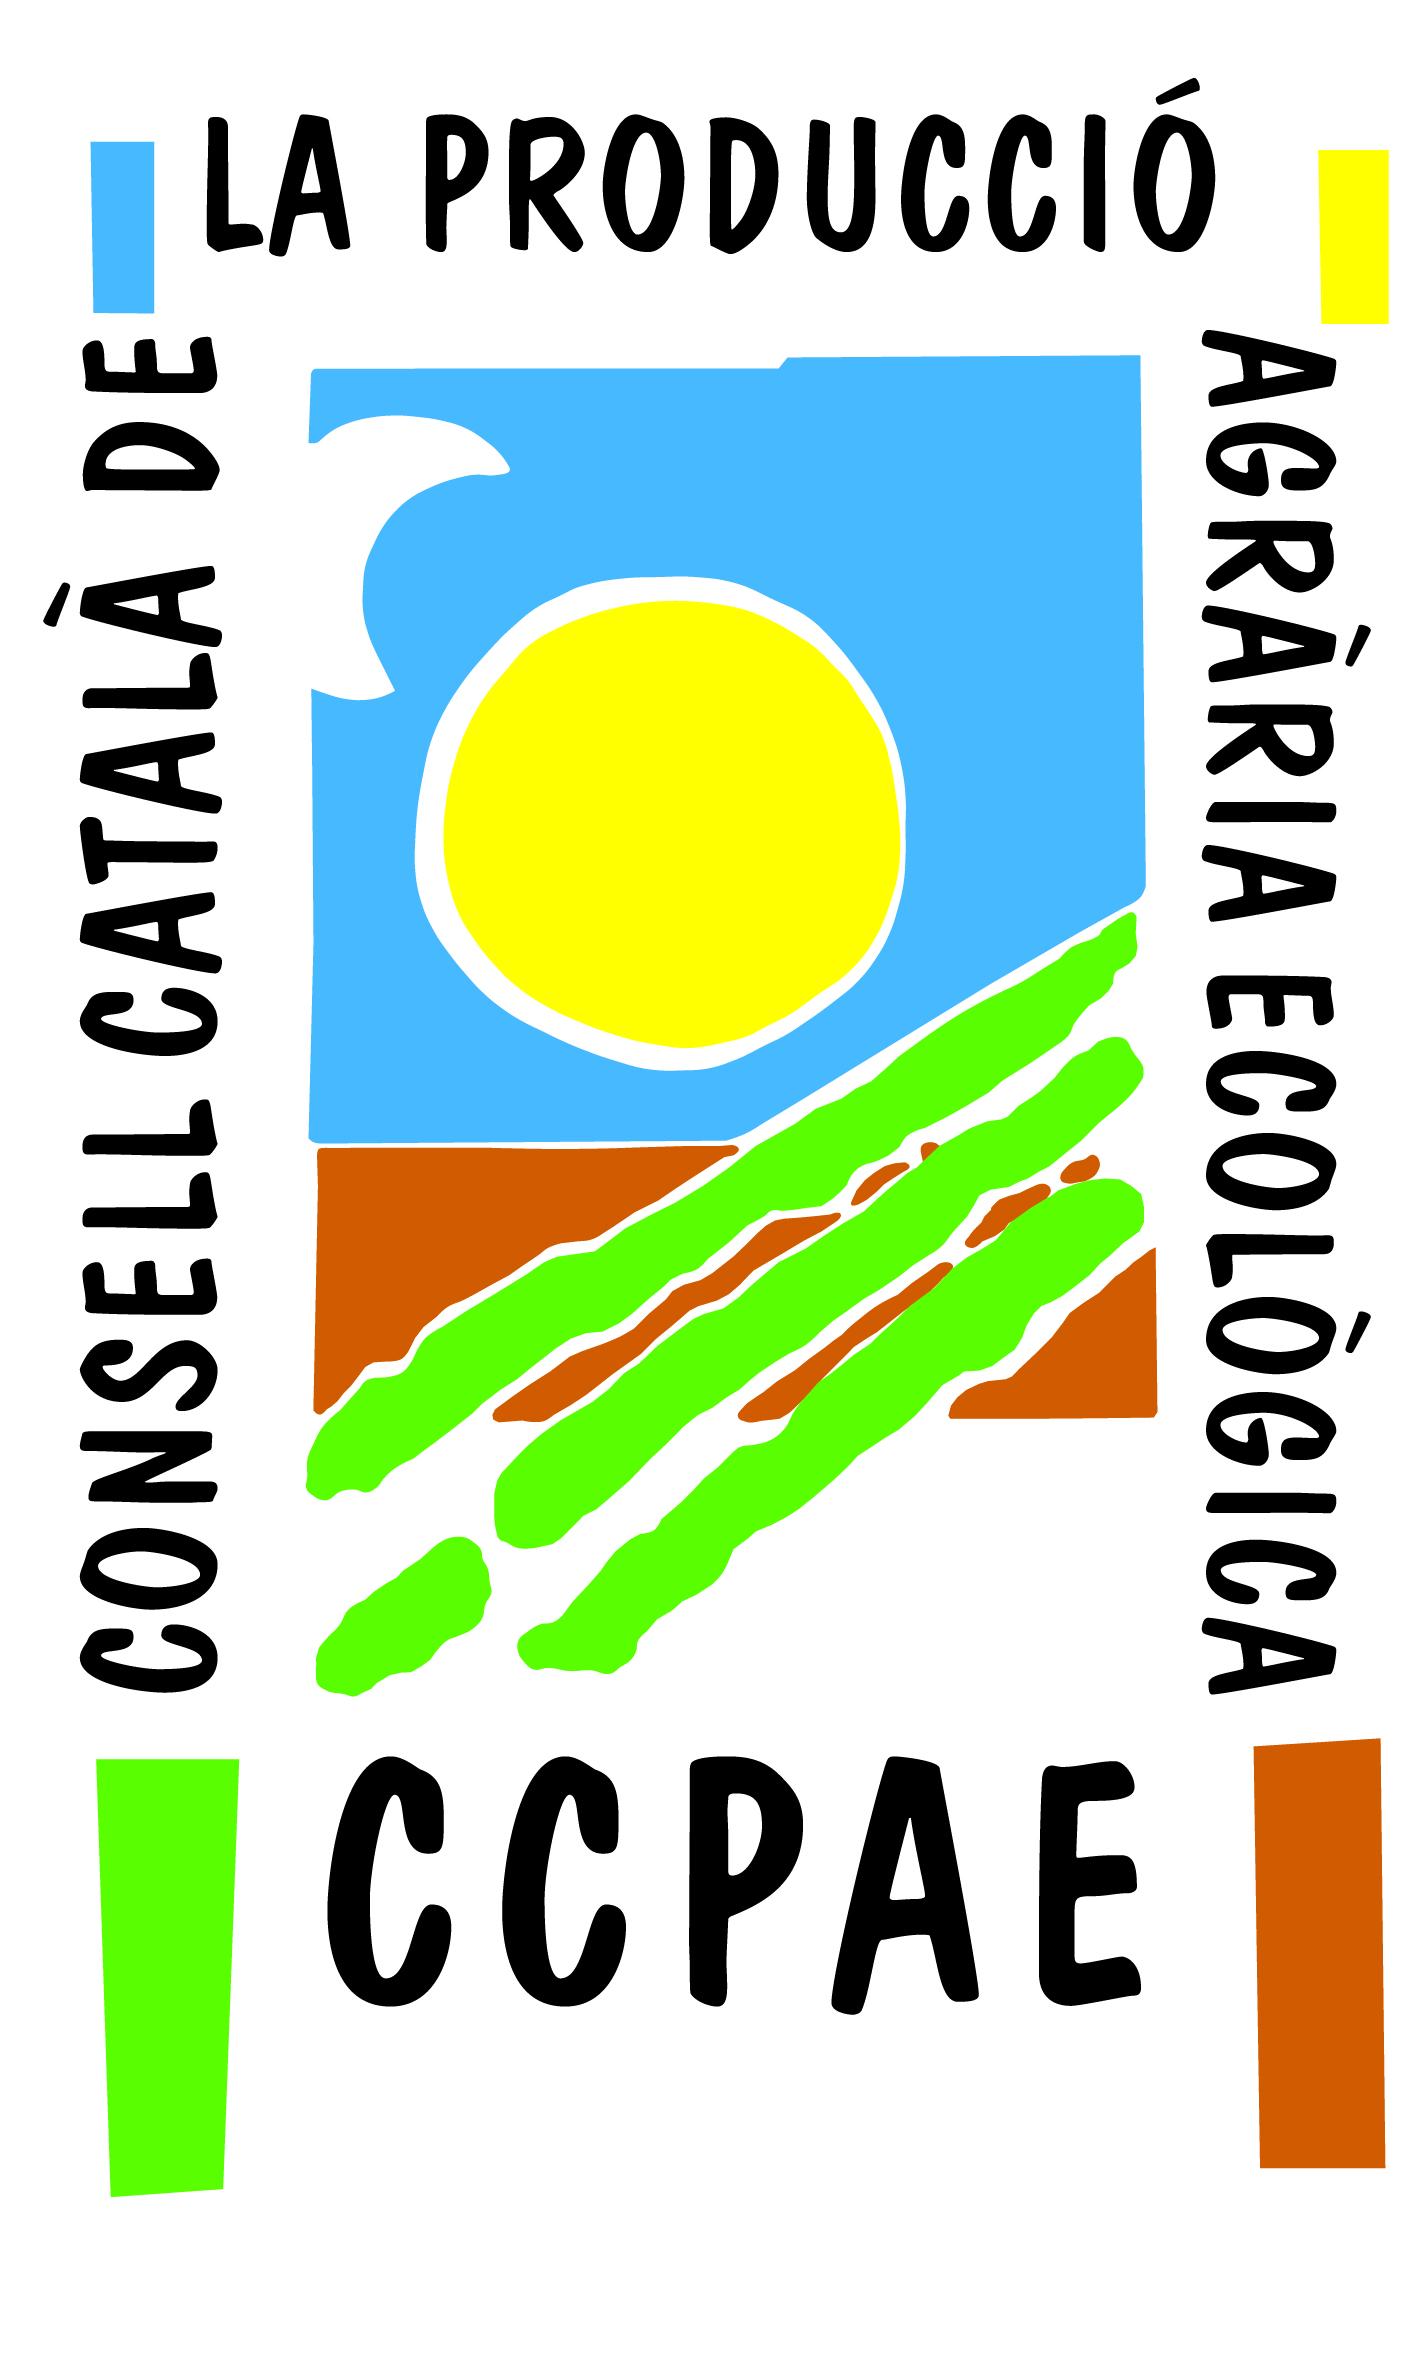 logo CCPAE.jpg